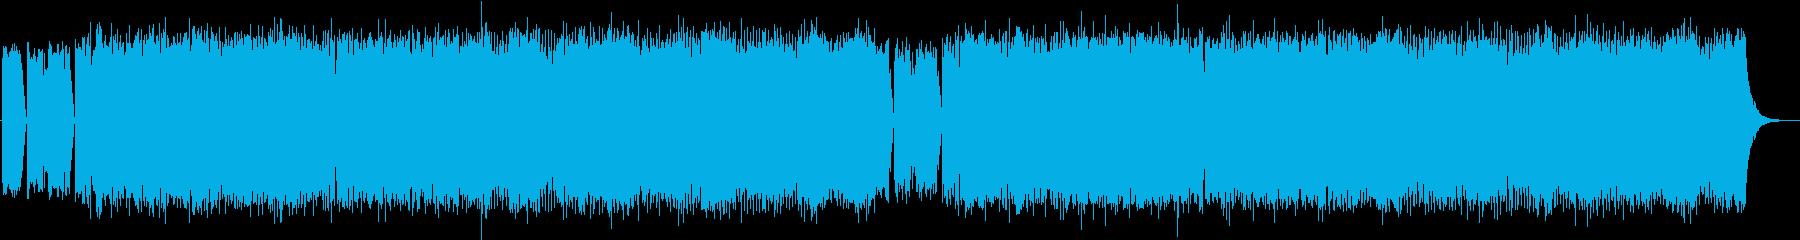 スリップノット風/重厚感メタルバンドの再生済みの波形